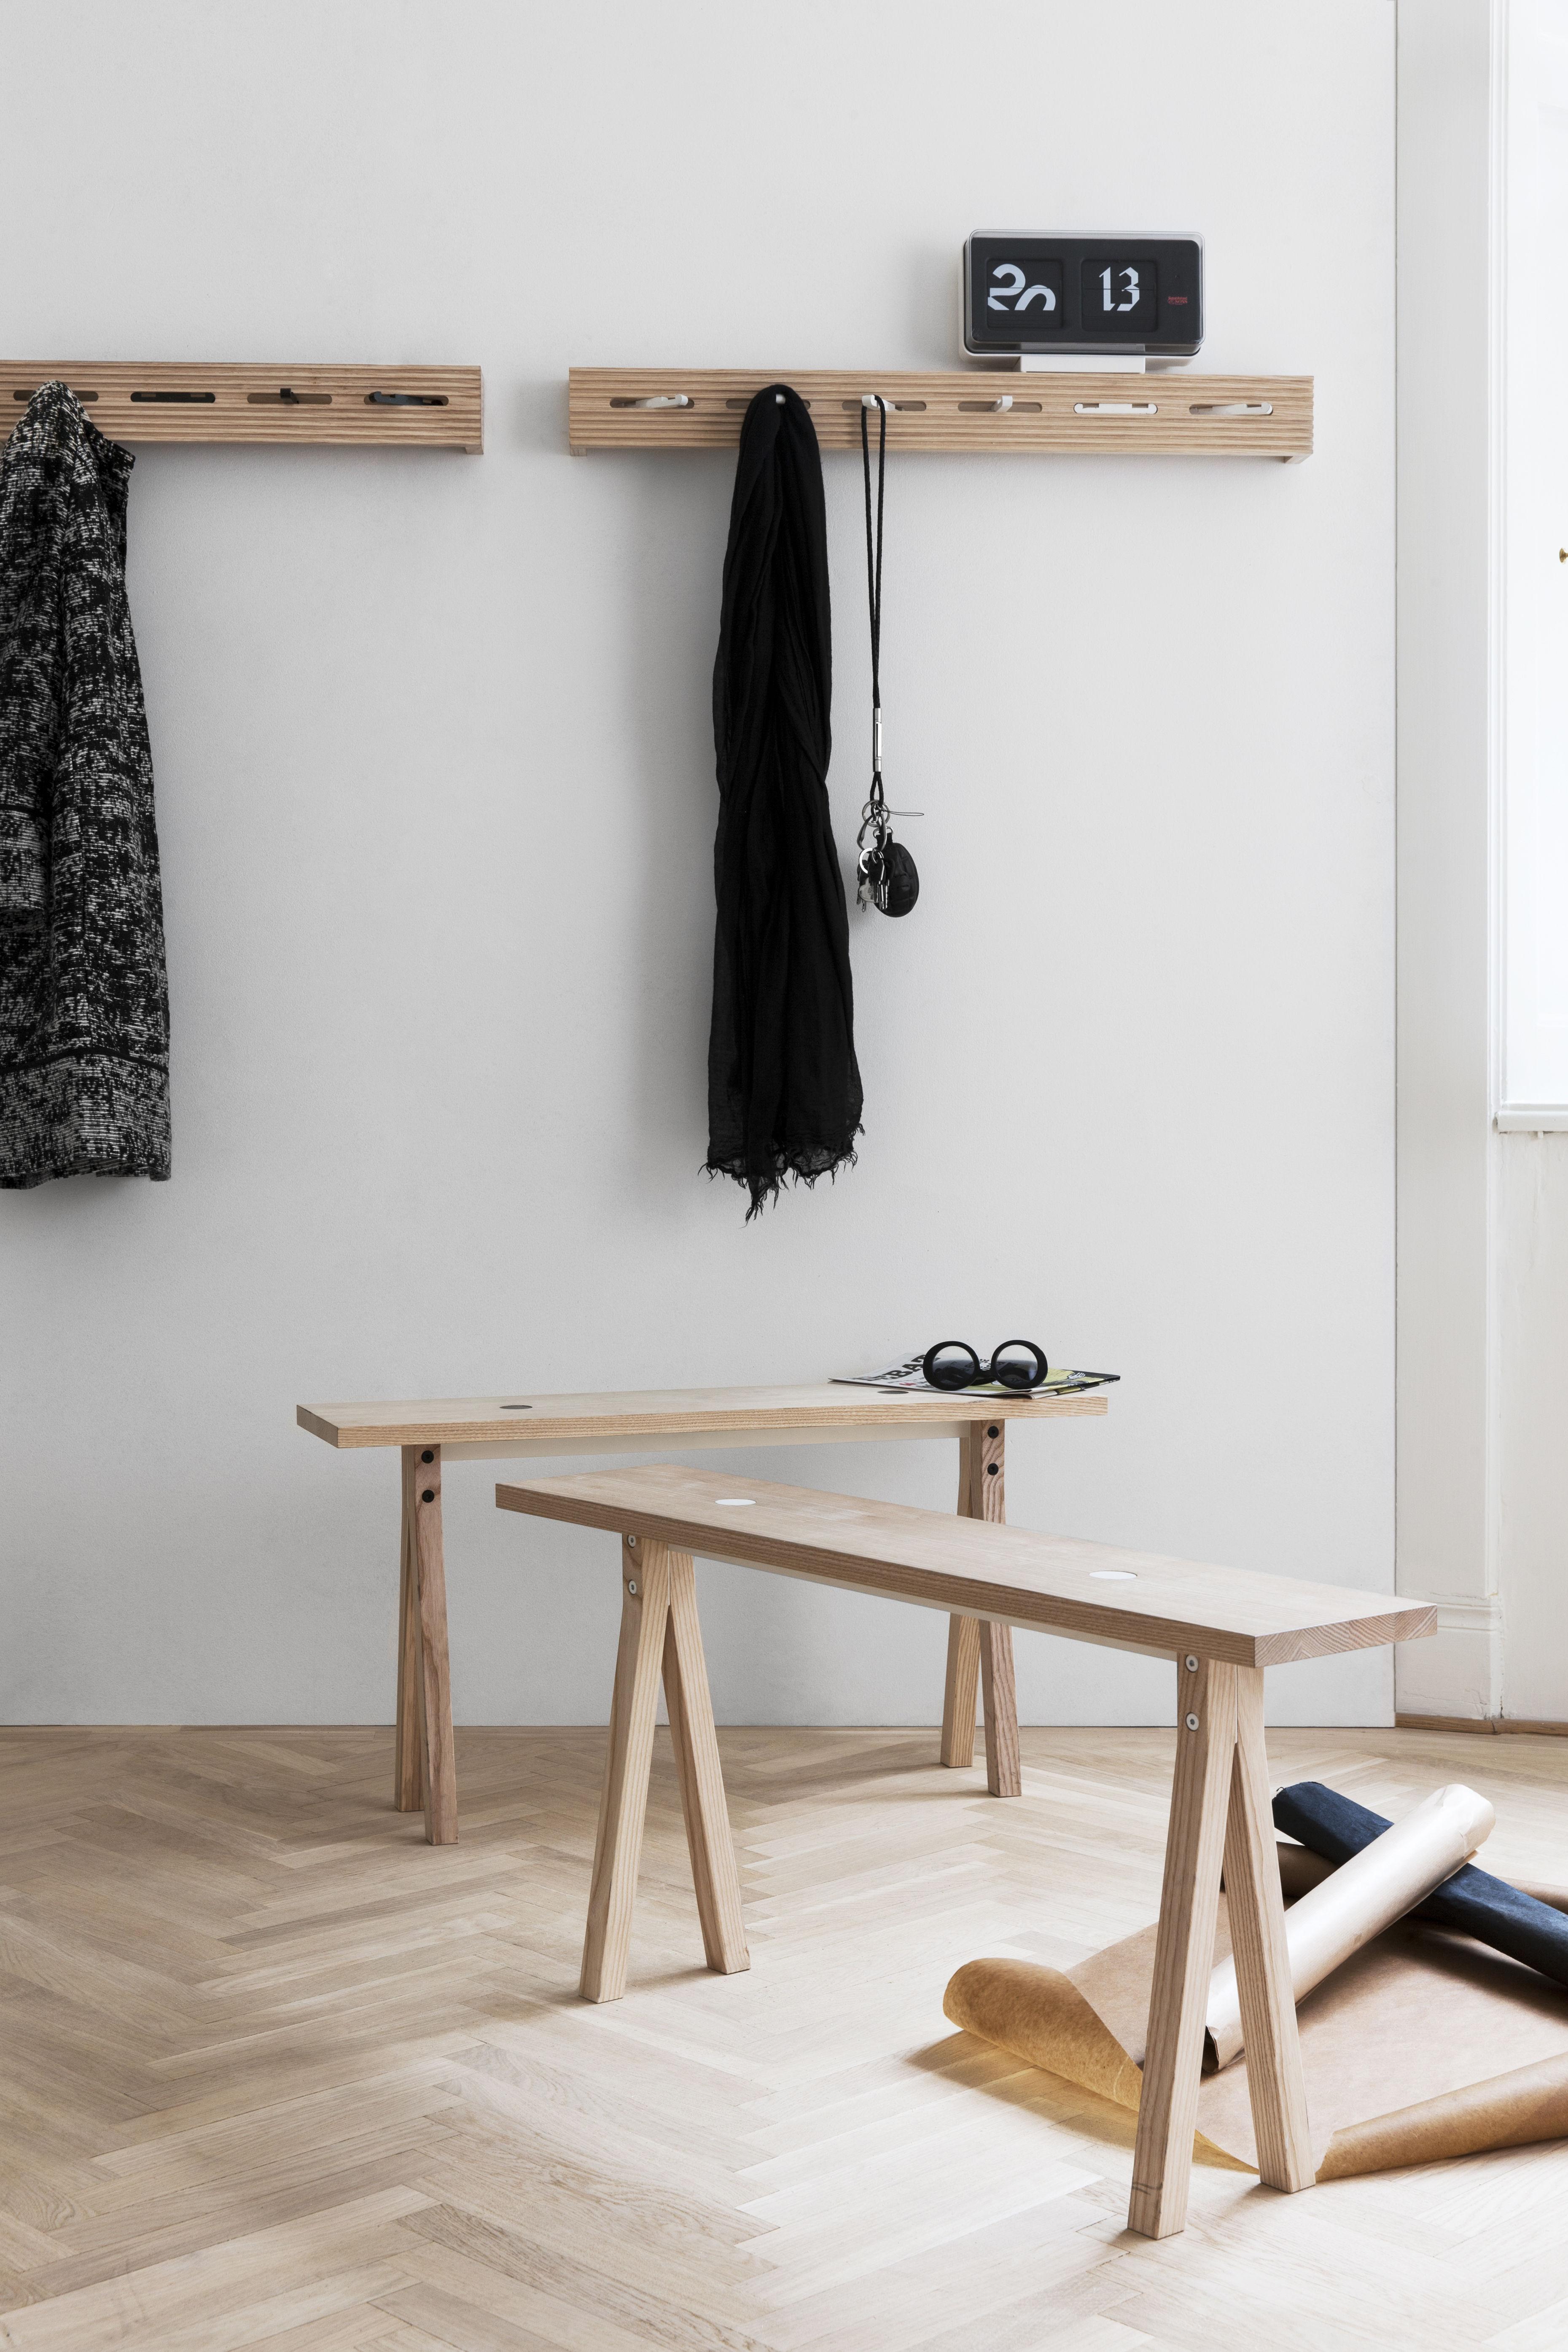 line up garderobe l 90 cm holz natur haken schwarz. Black Bedroom Furniture Sets. Home Design Ideas